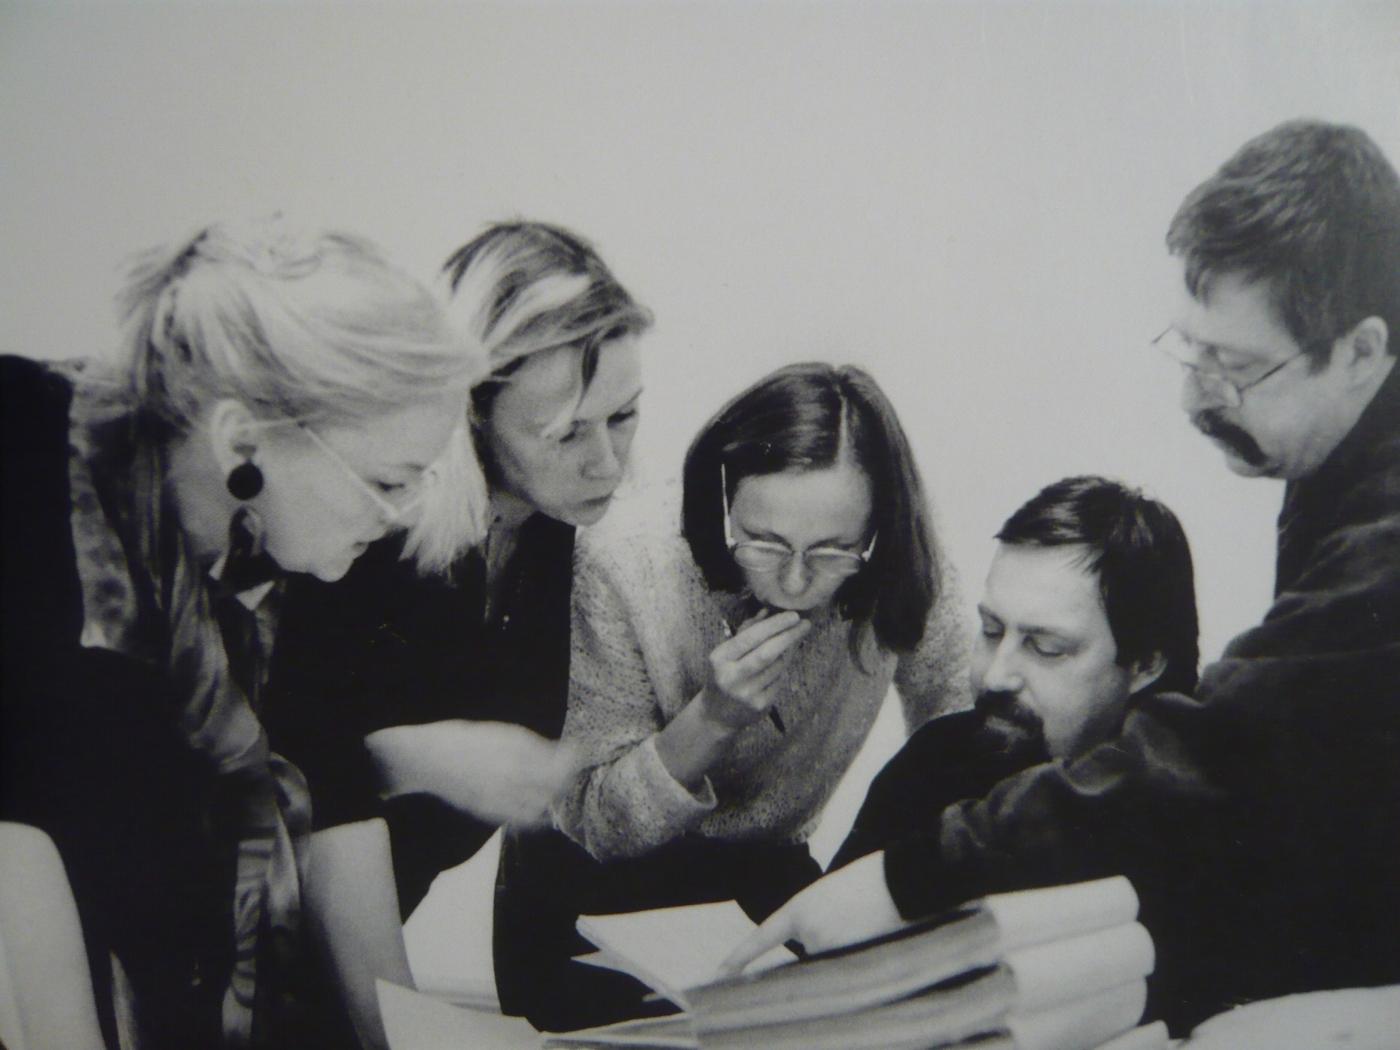 Die ungesühnten STASI-Morde an Uwe Barschel, Heinz Gerlach